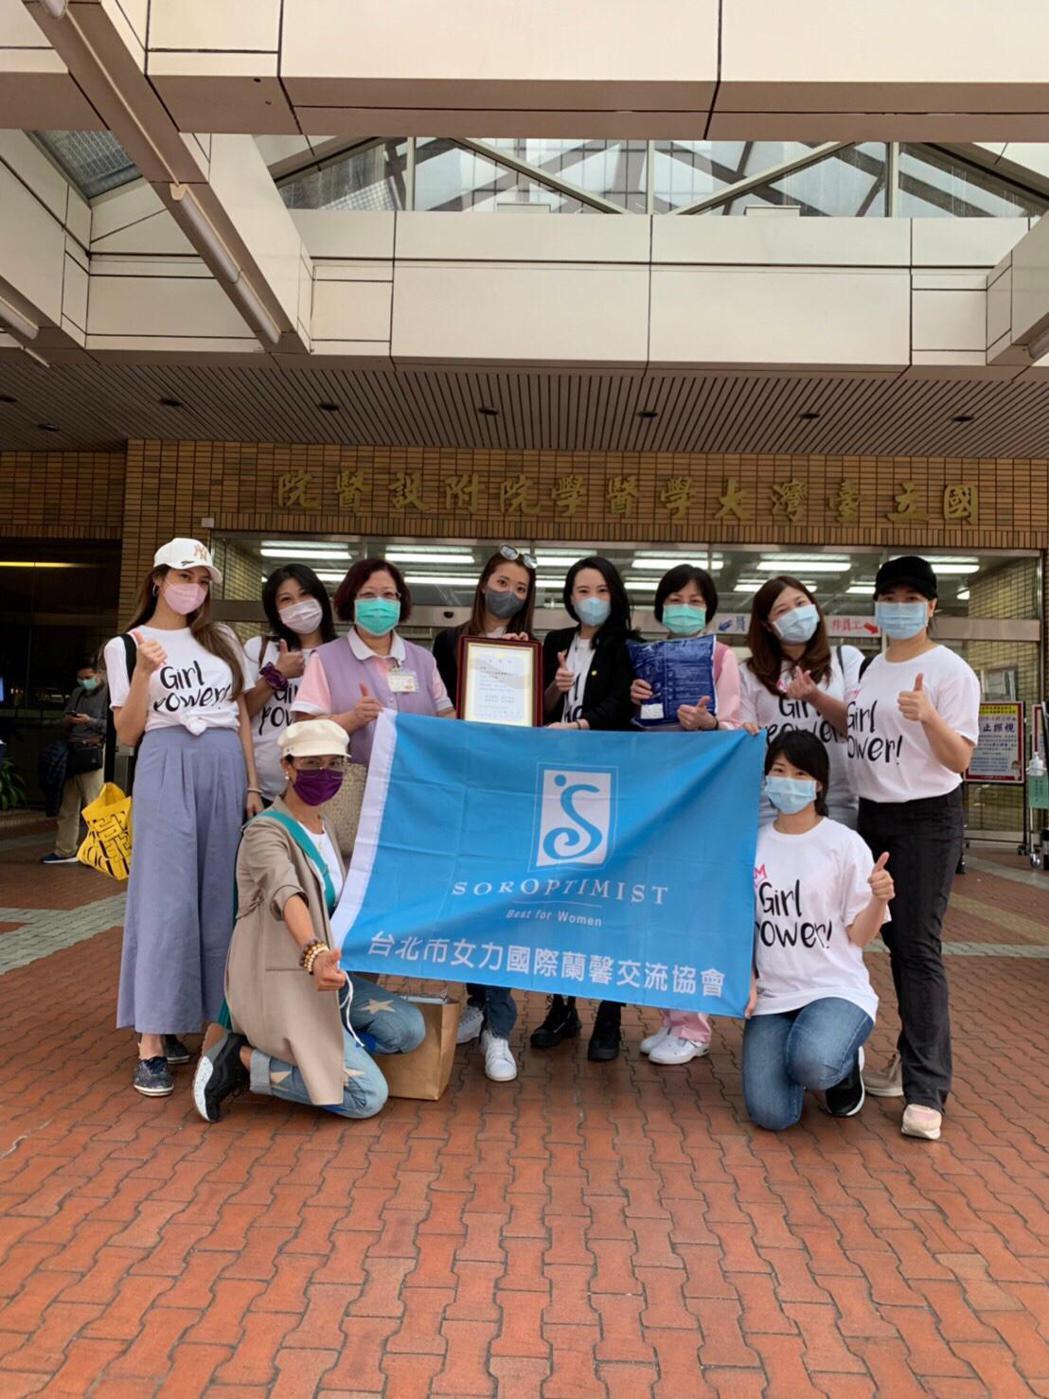 台北市女力國際蘭馨交流協會發起「『衣』護人員免擔心—防護衣捐贈活動」。圖/台北市